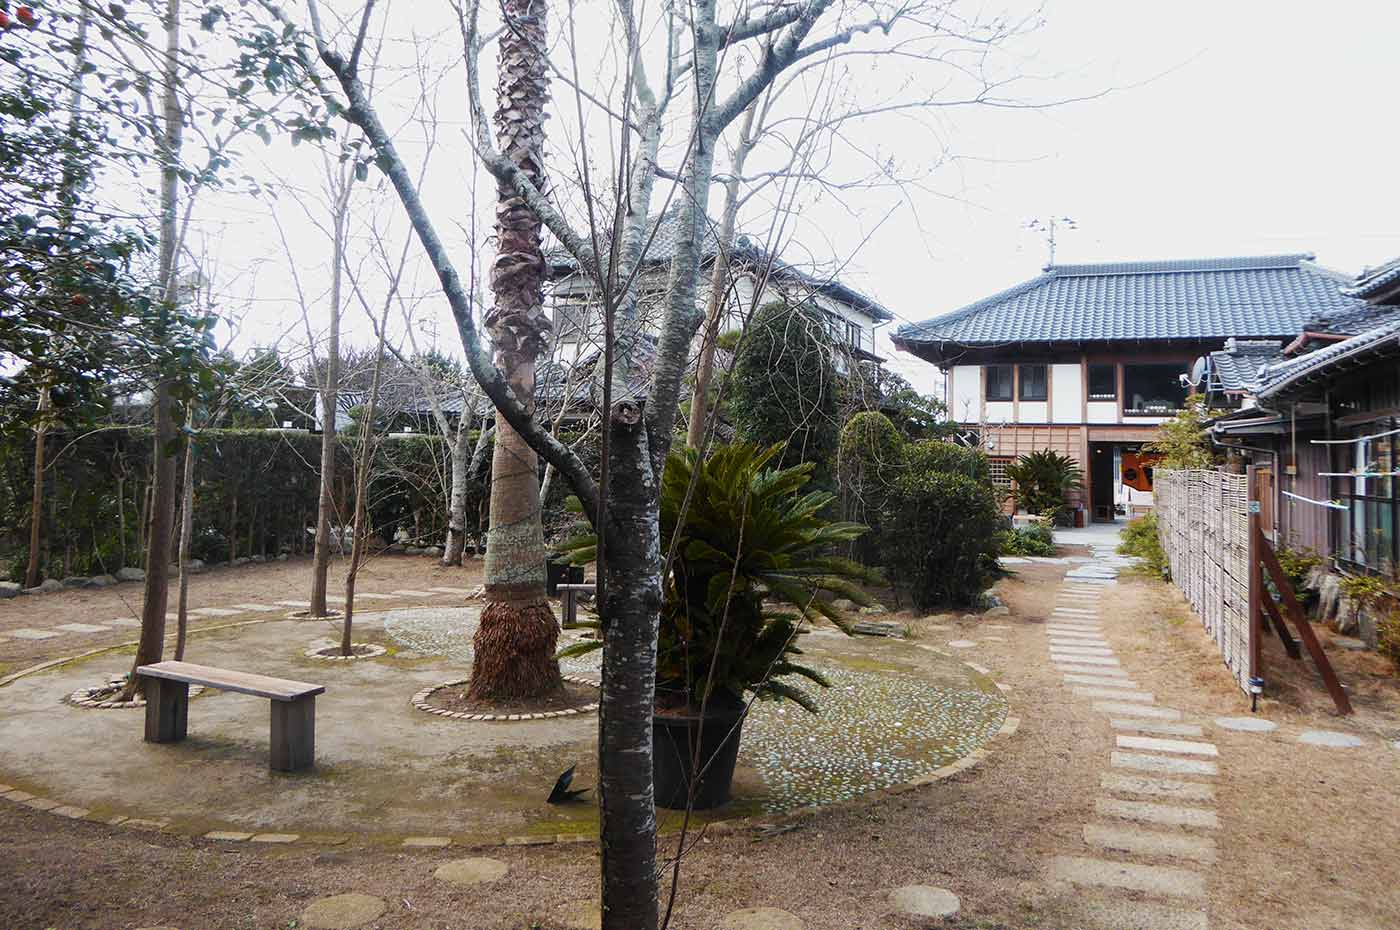 一二三養蜂園 カフェ123の庭の画像